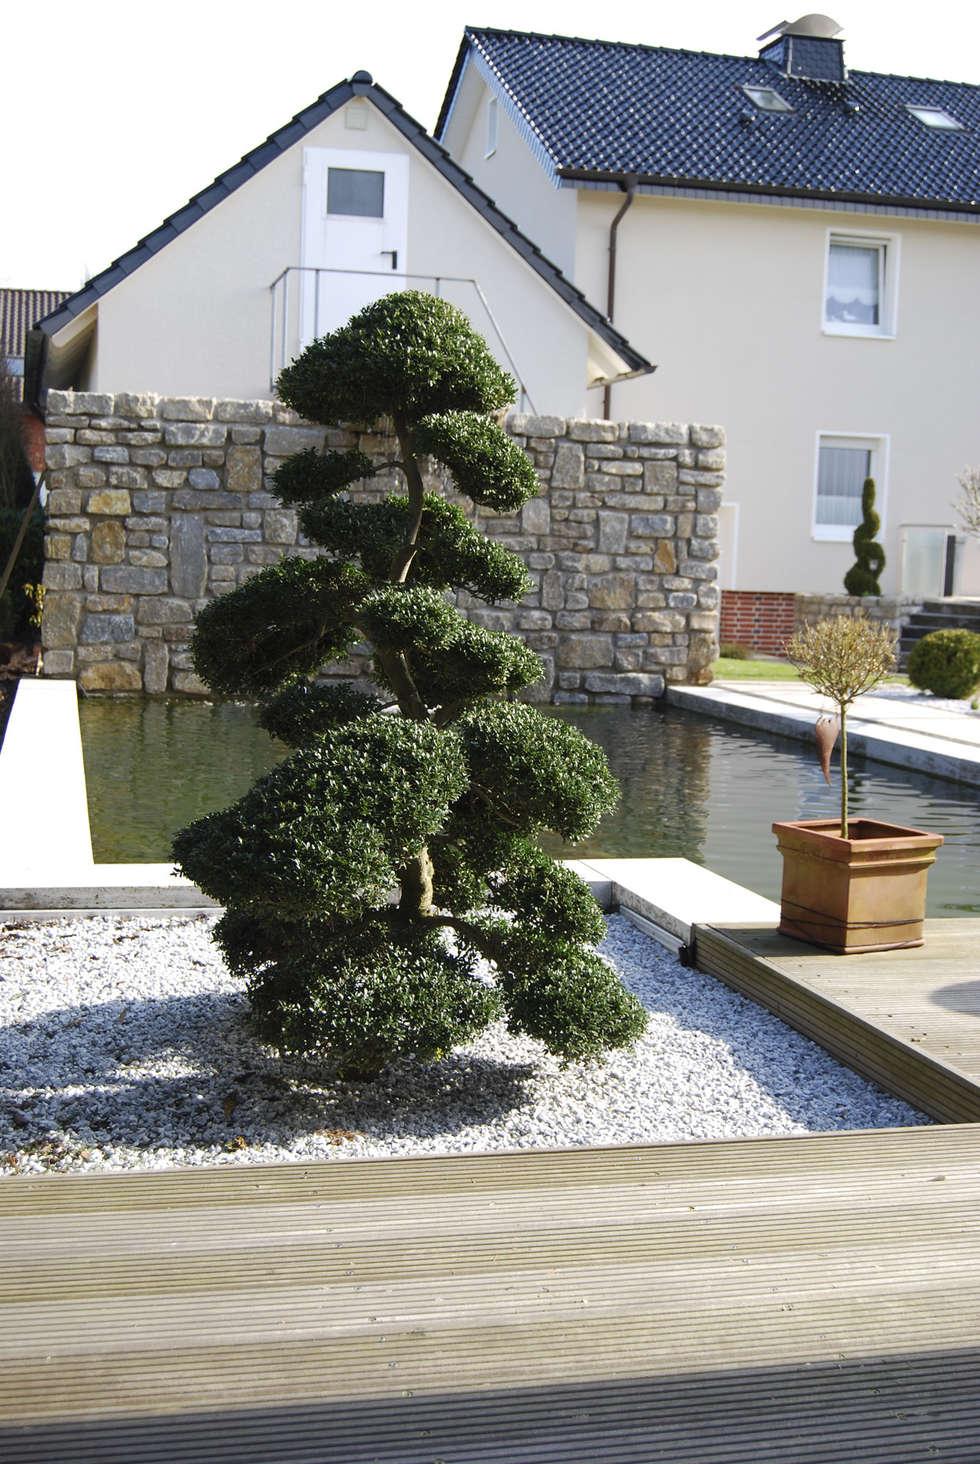 Eitelkeit Homify Garten Beste Wahl Taman Batu By Stein/garten/design E.k